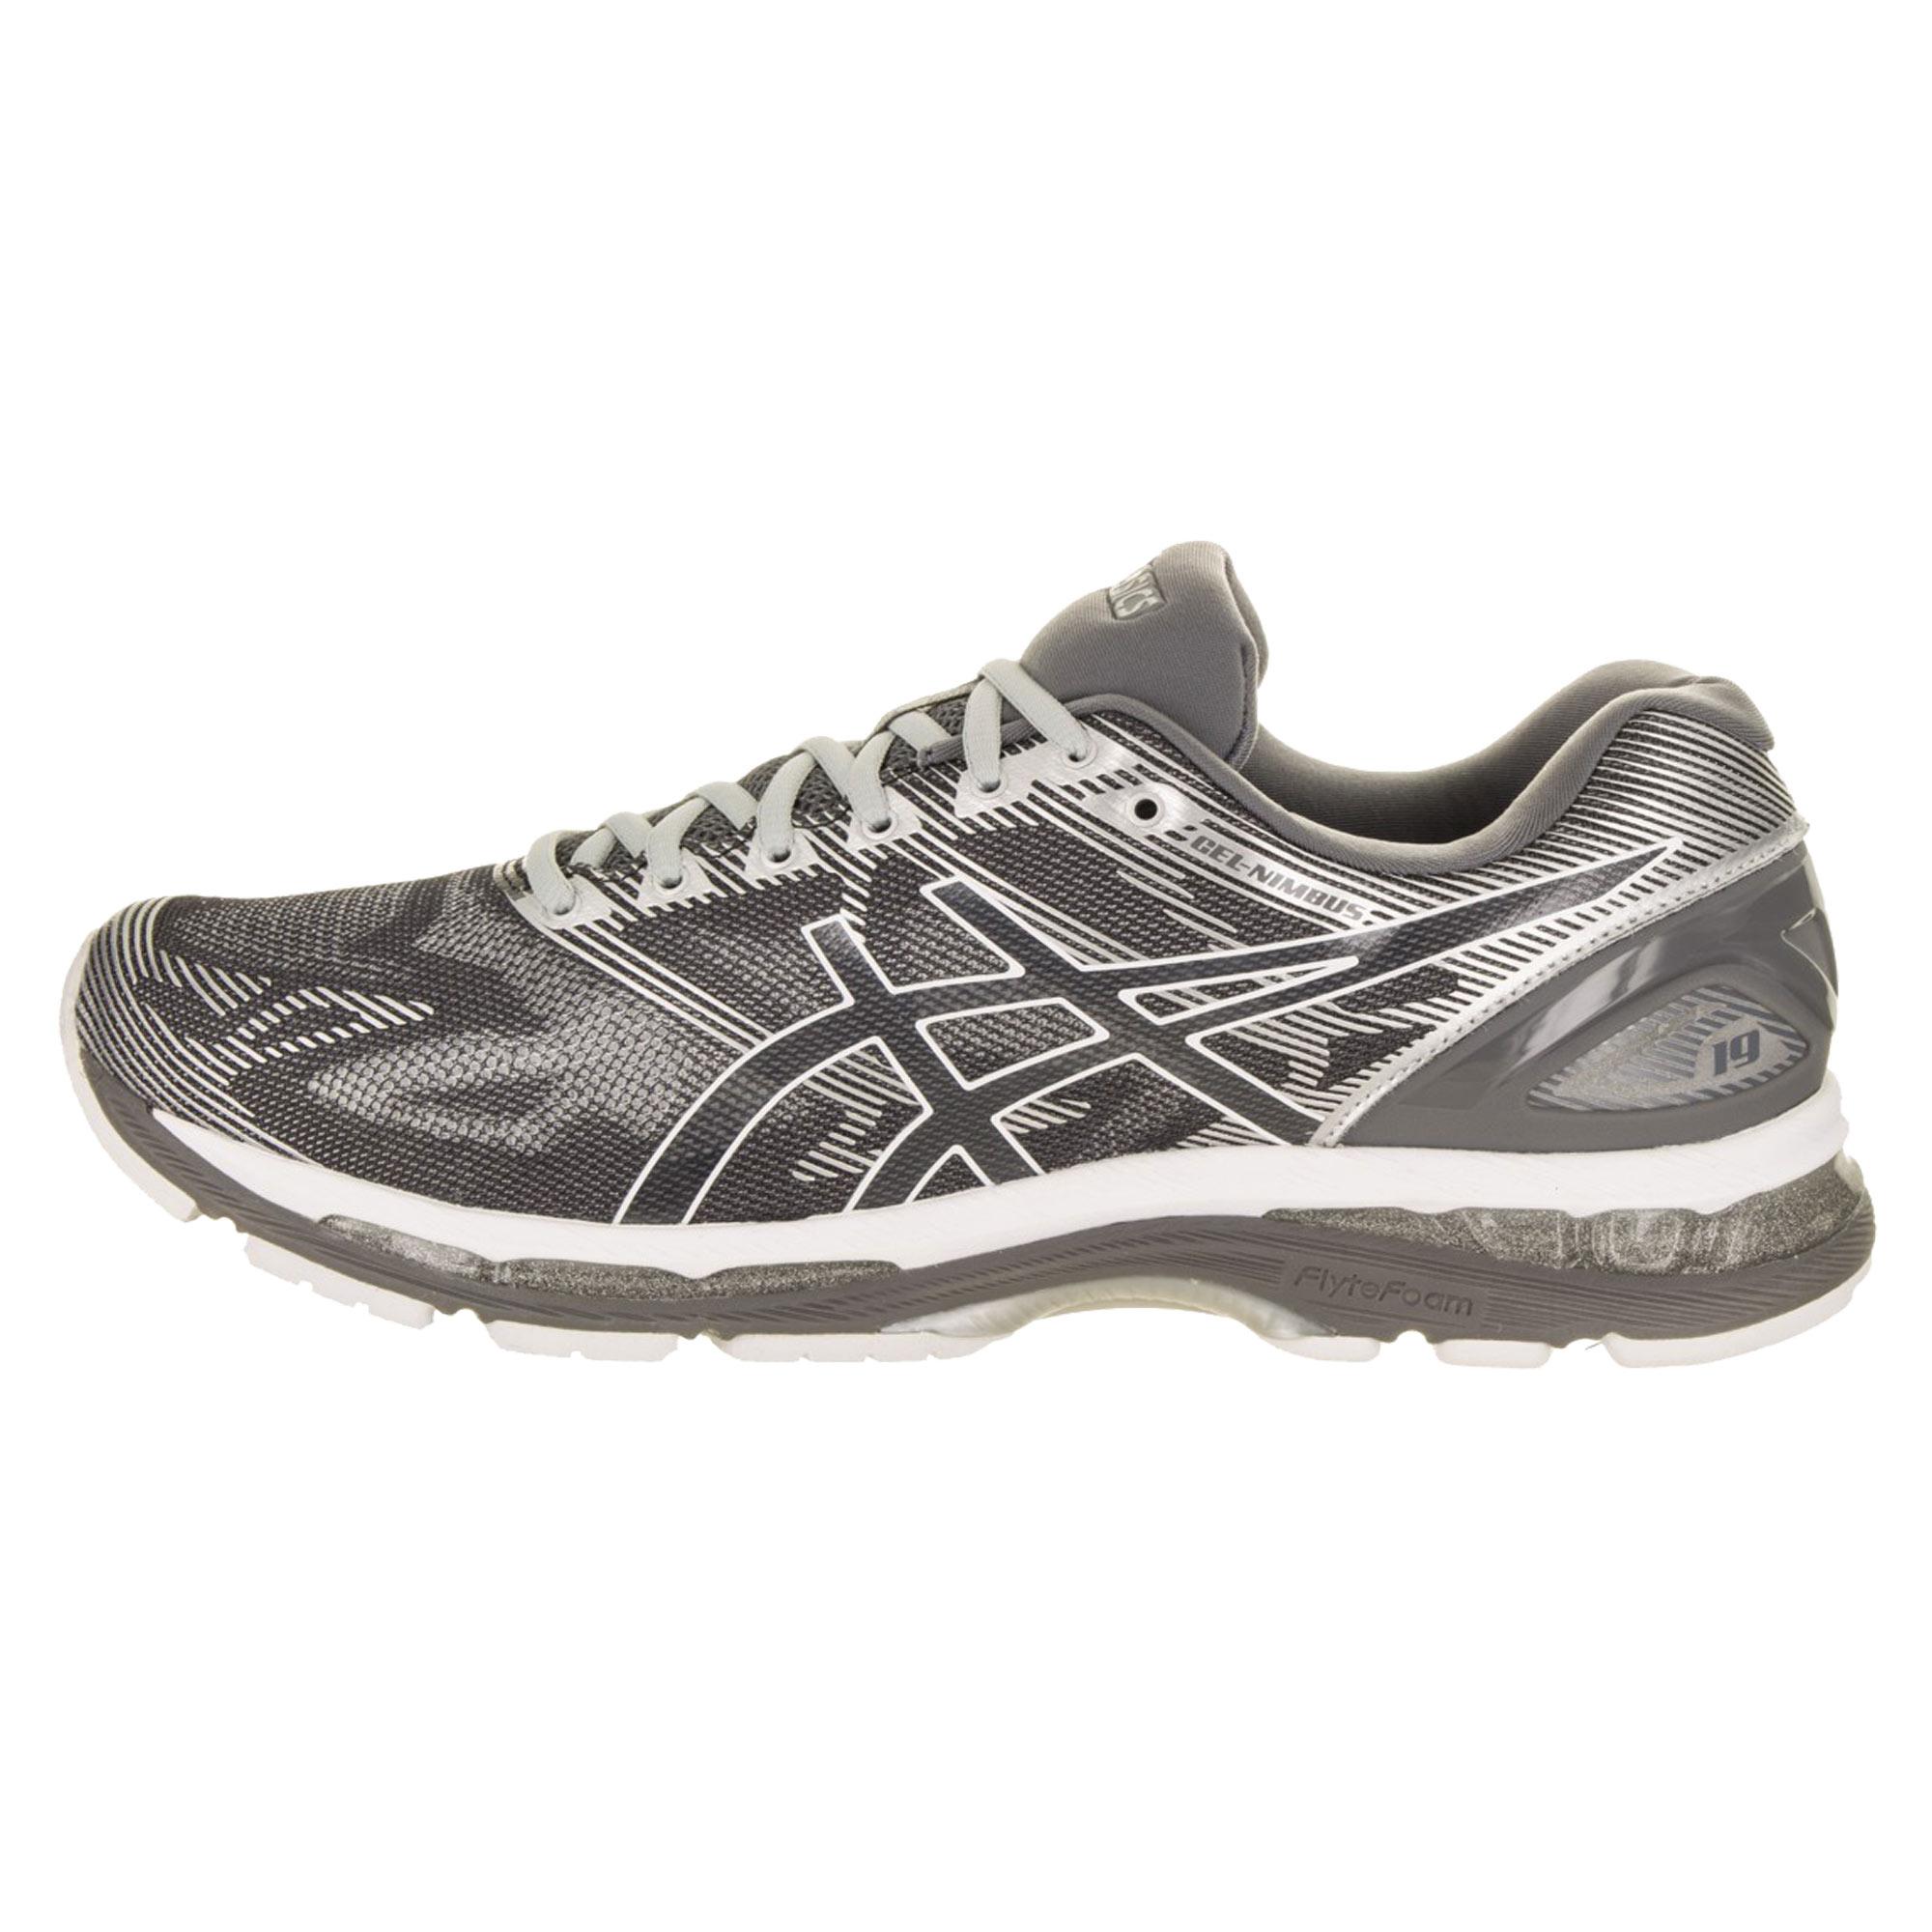 قیمت کفش مخصوص دویدن مردانه اسیکس مدل Gel-Nimbus 19